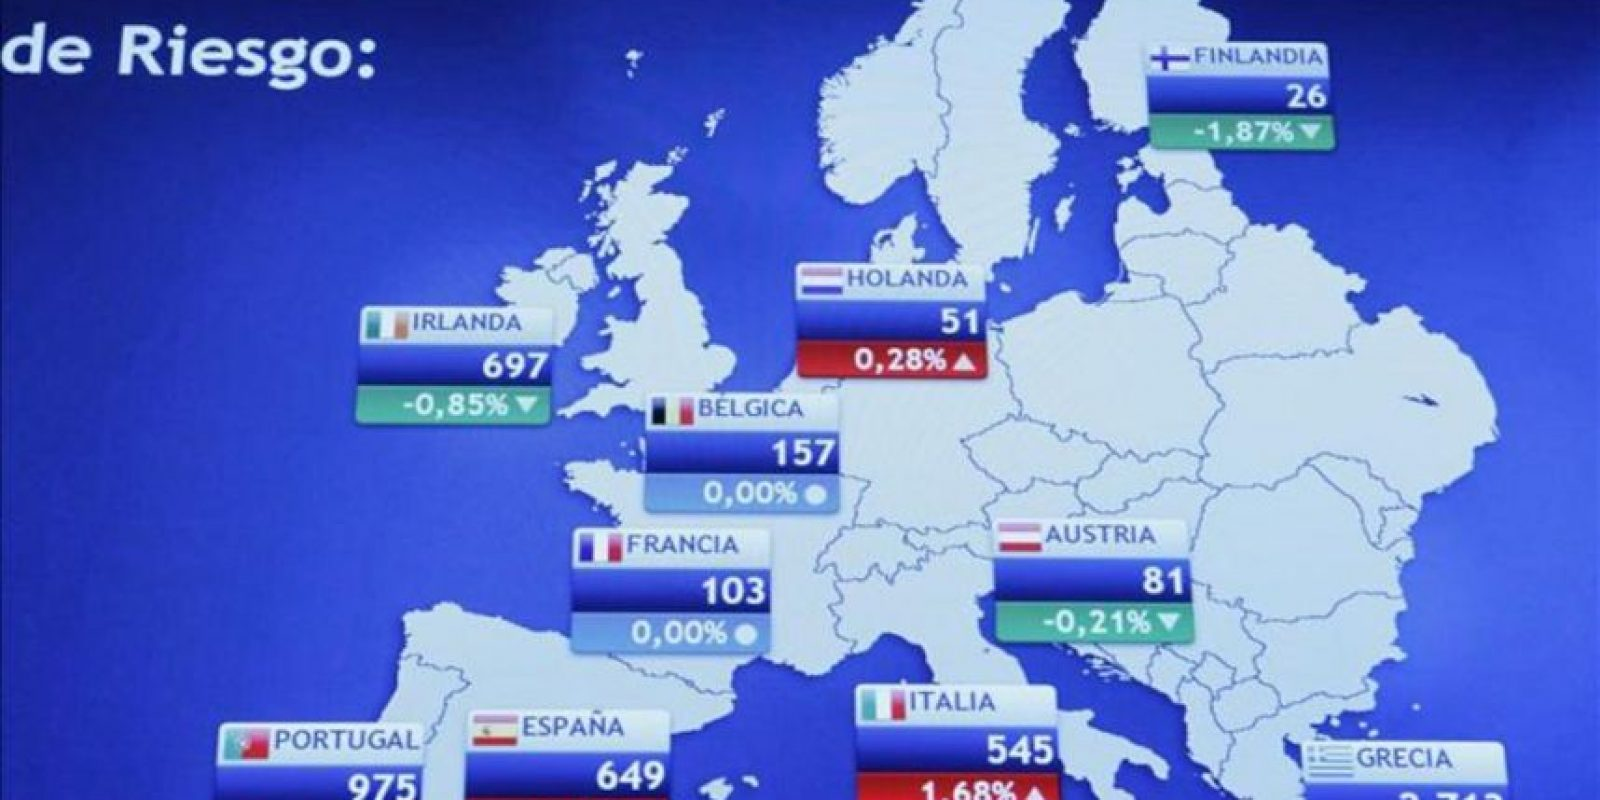 Panel informativo de la prima de riesgo en Europa donde la española alcanzaba hoy tras la apertura de la bolsa de Madrid un máximo histórico de 649 puntos básicos, su nivel más alto desde la creación del euro, después de que la rentabilidad del bono español a diez años superara por primera vez el 7,7 por ciento. EFE